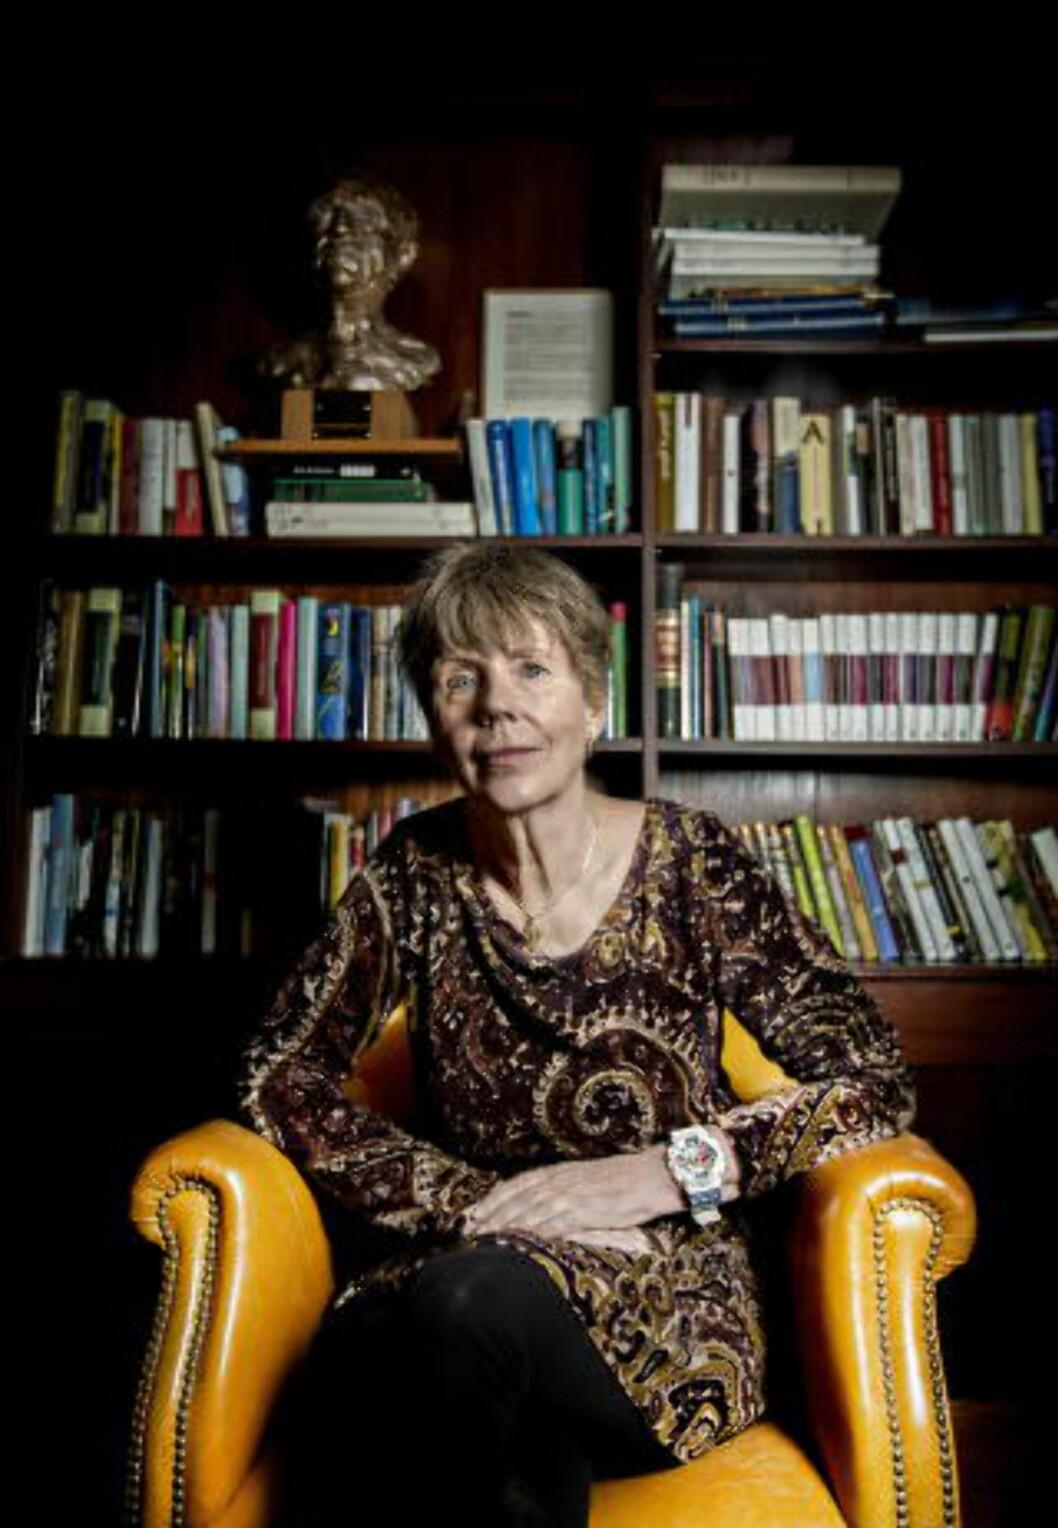 <strong>-ENESTÅENDE:</strong> - Jeg ble så lei meg, han var enestående, sier forfatter Karin Fossum. Foto: Anita Arntzen / Dagbladet